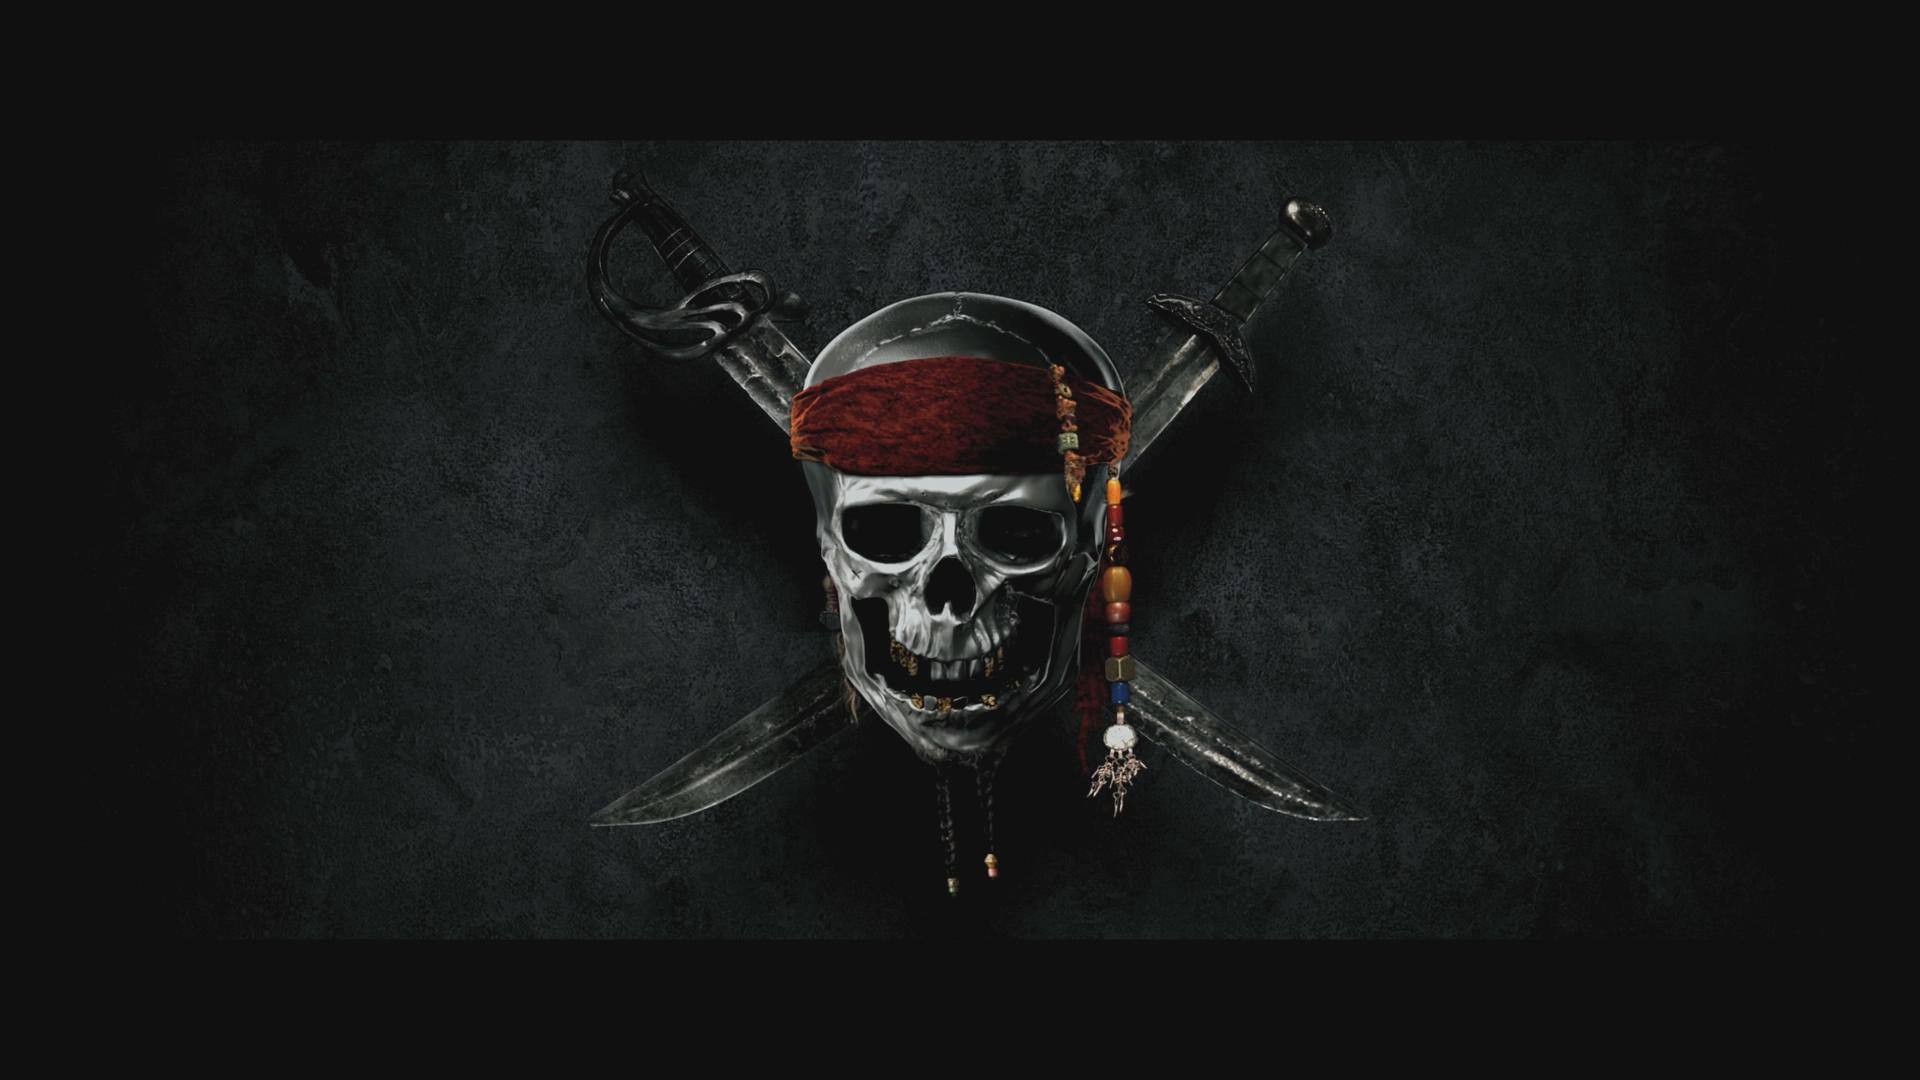 艹�����y櫺�9��y���⭹f�x�_海盗艹の贼船※